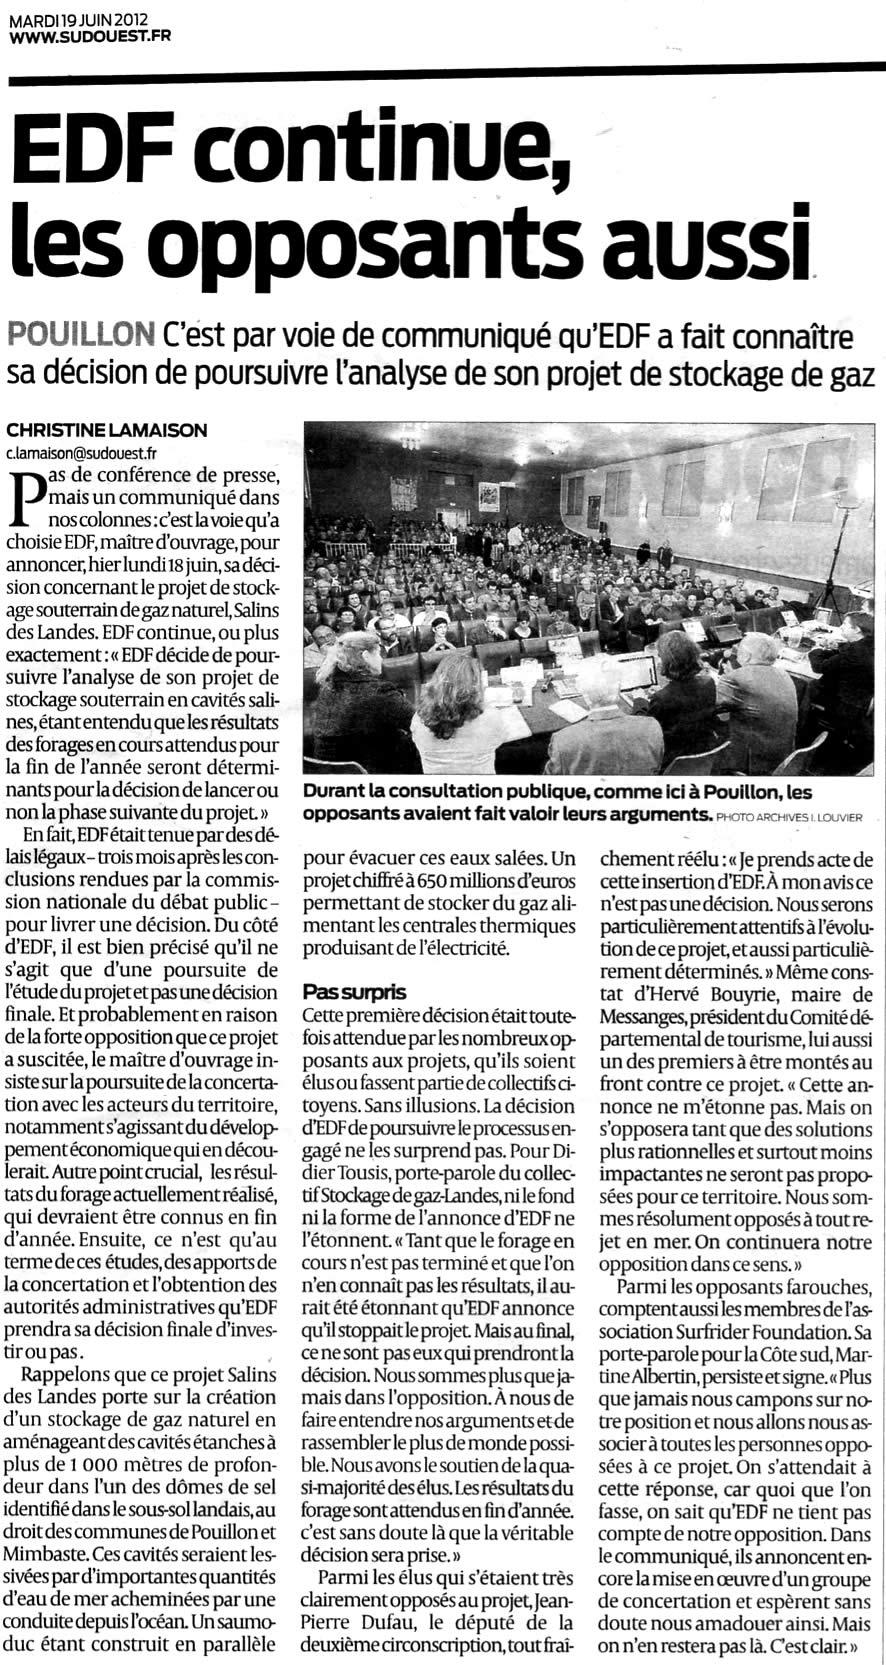 Stockage-gaz-landes.net - Forte opposition au projet d'EDF Salins des Landes